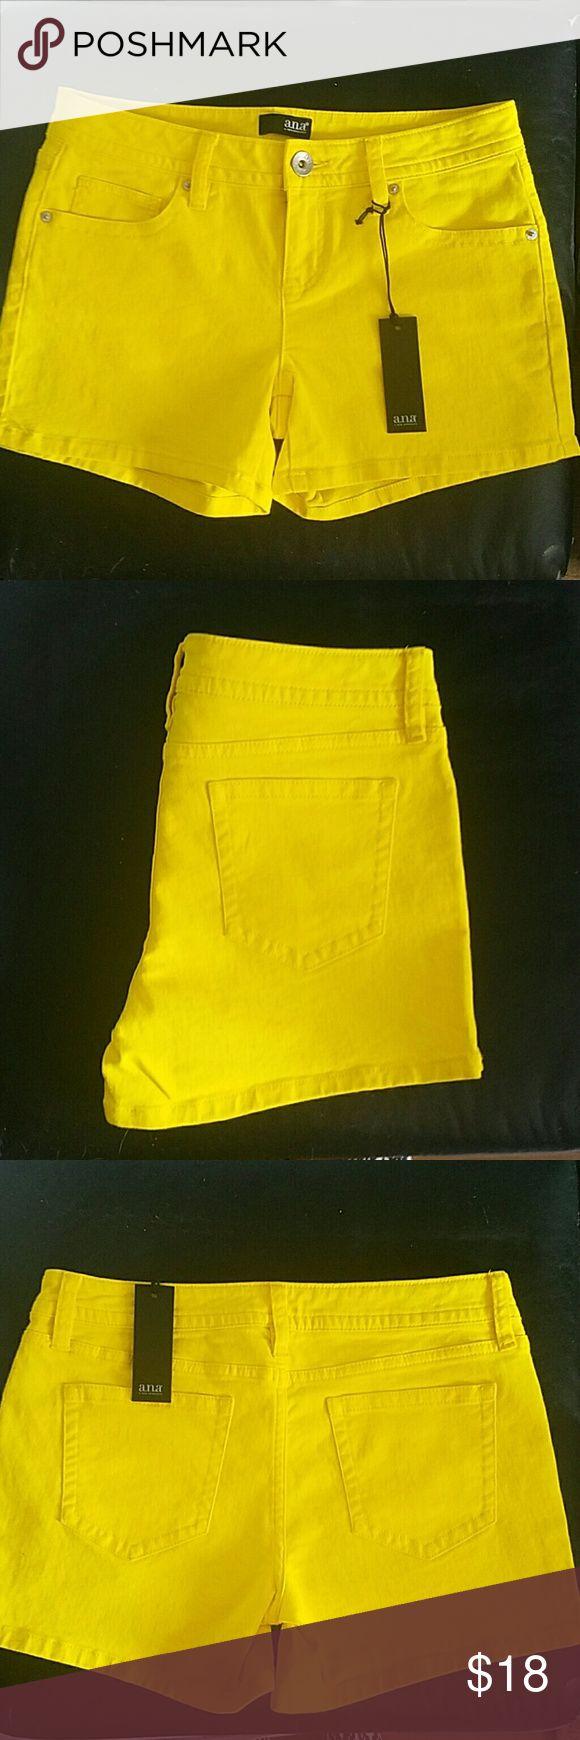 NWT cute yellow shorts! NWT A.n.a shorts. Super cute on! Size 27/4 women's. a.n.a Shorts